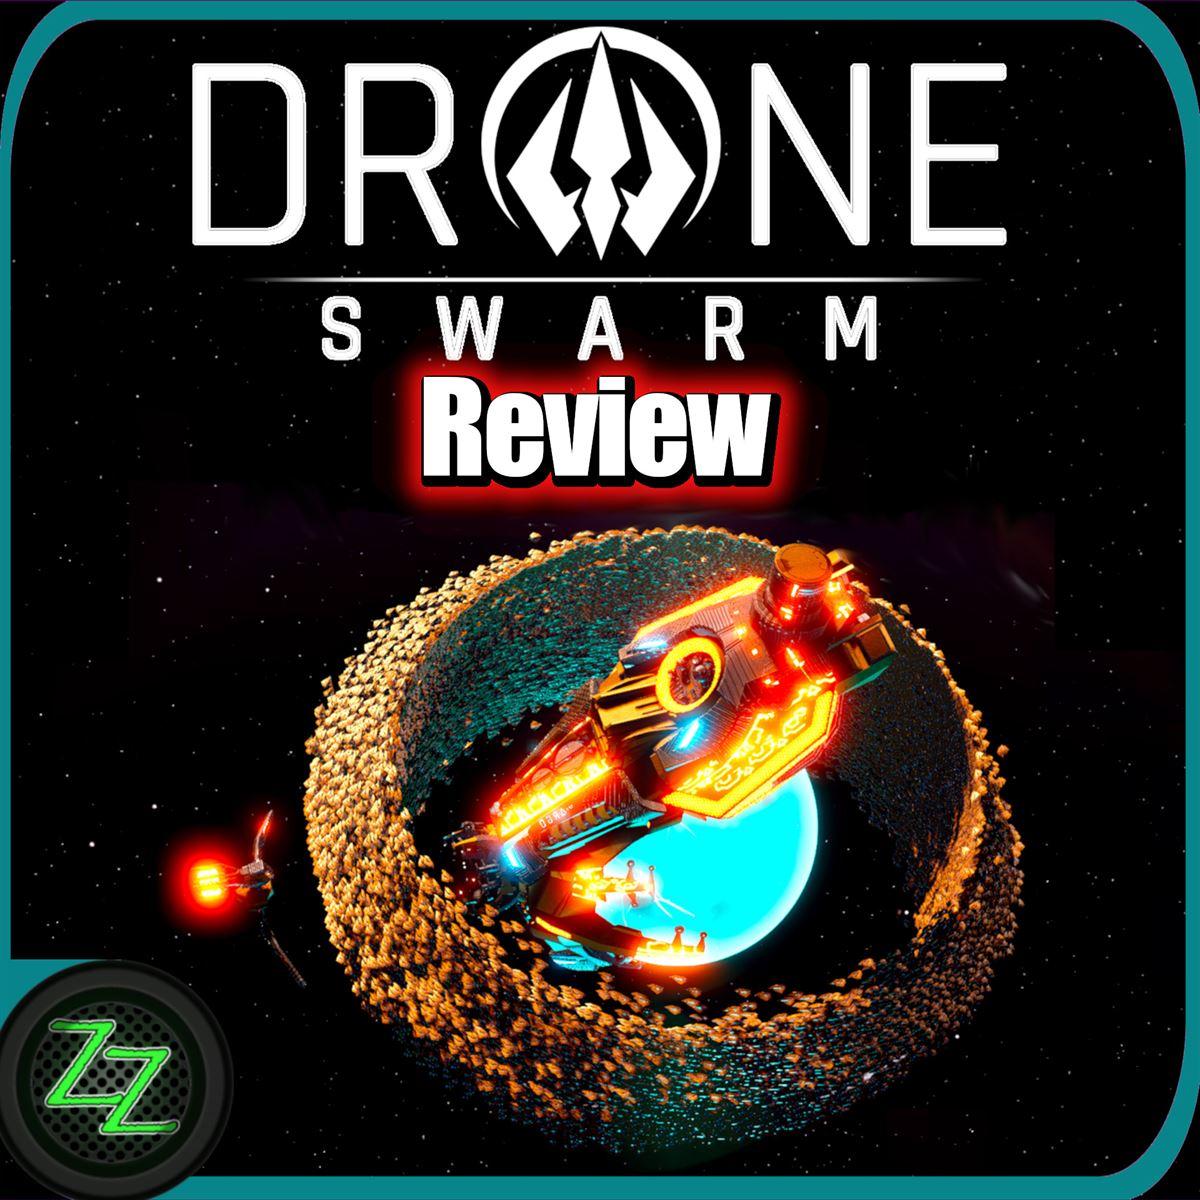 Drone Swarm Deutsch – 32000 Drohnen im Echtzeit Strategie Kampf – Review – Test